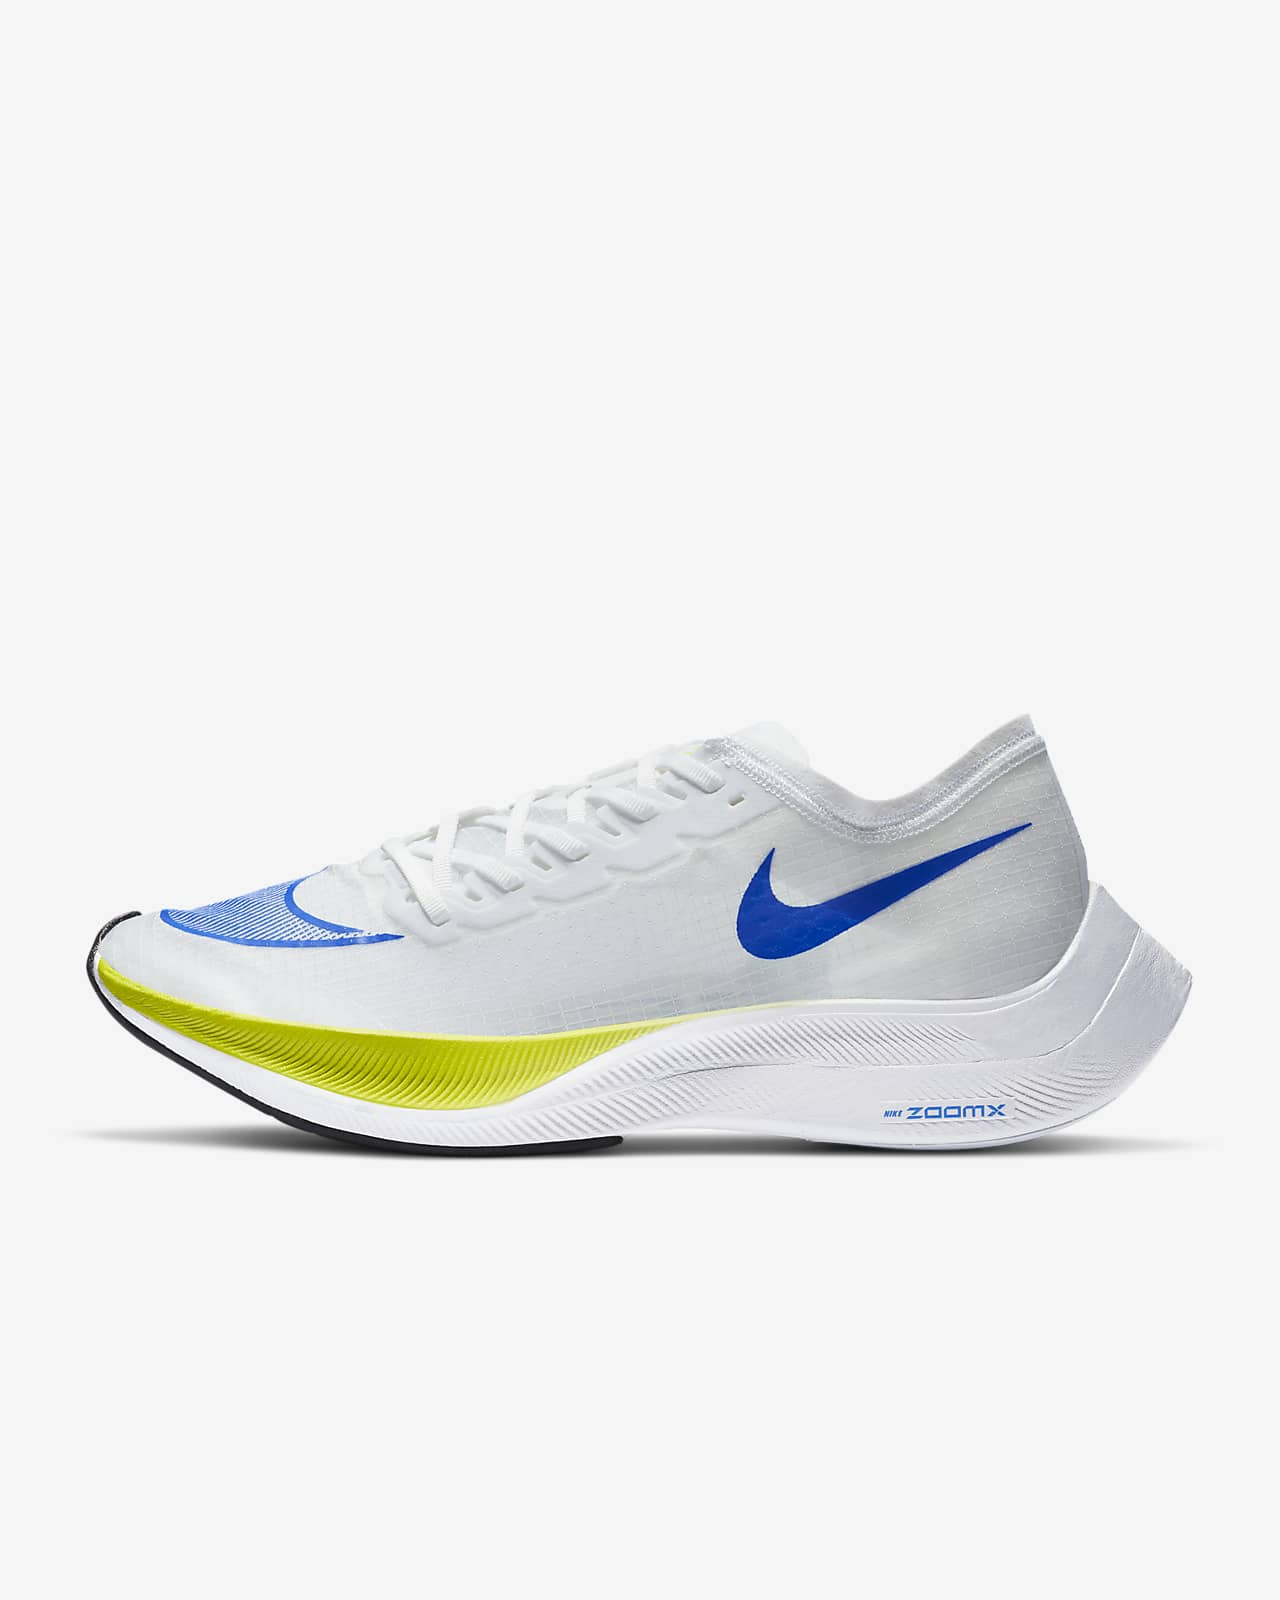 Běžecká bota Nike ZoomX Vaporfly NEXT%